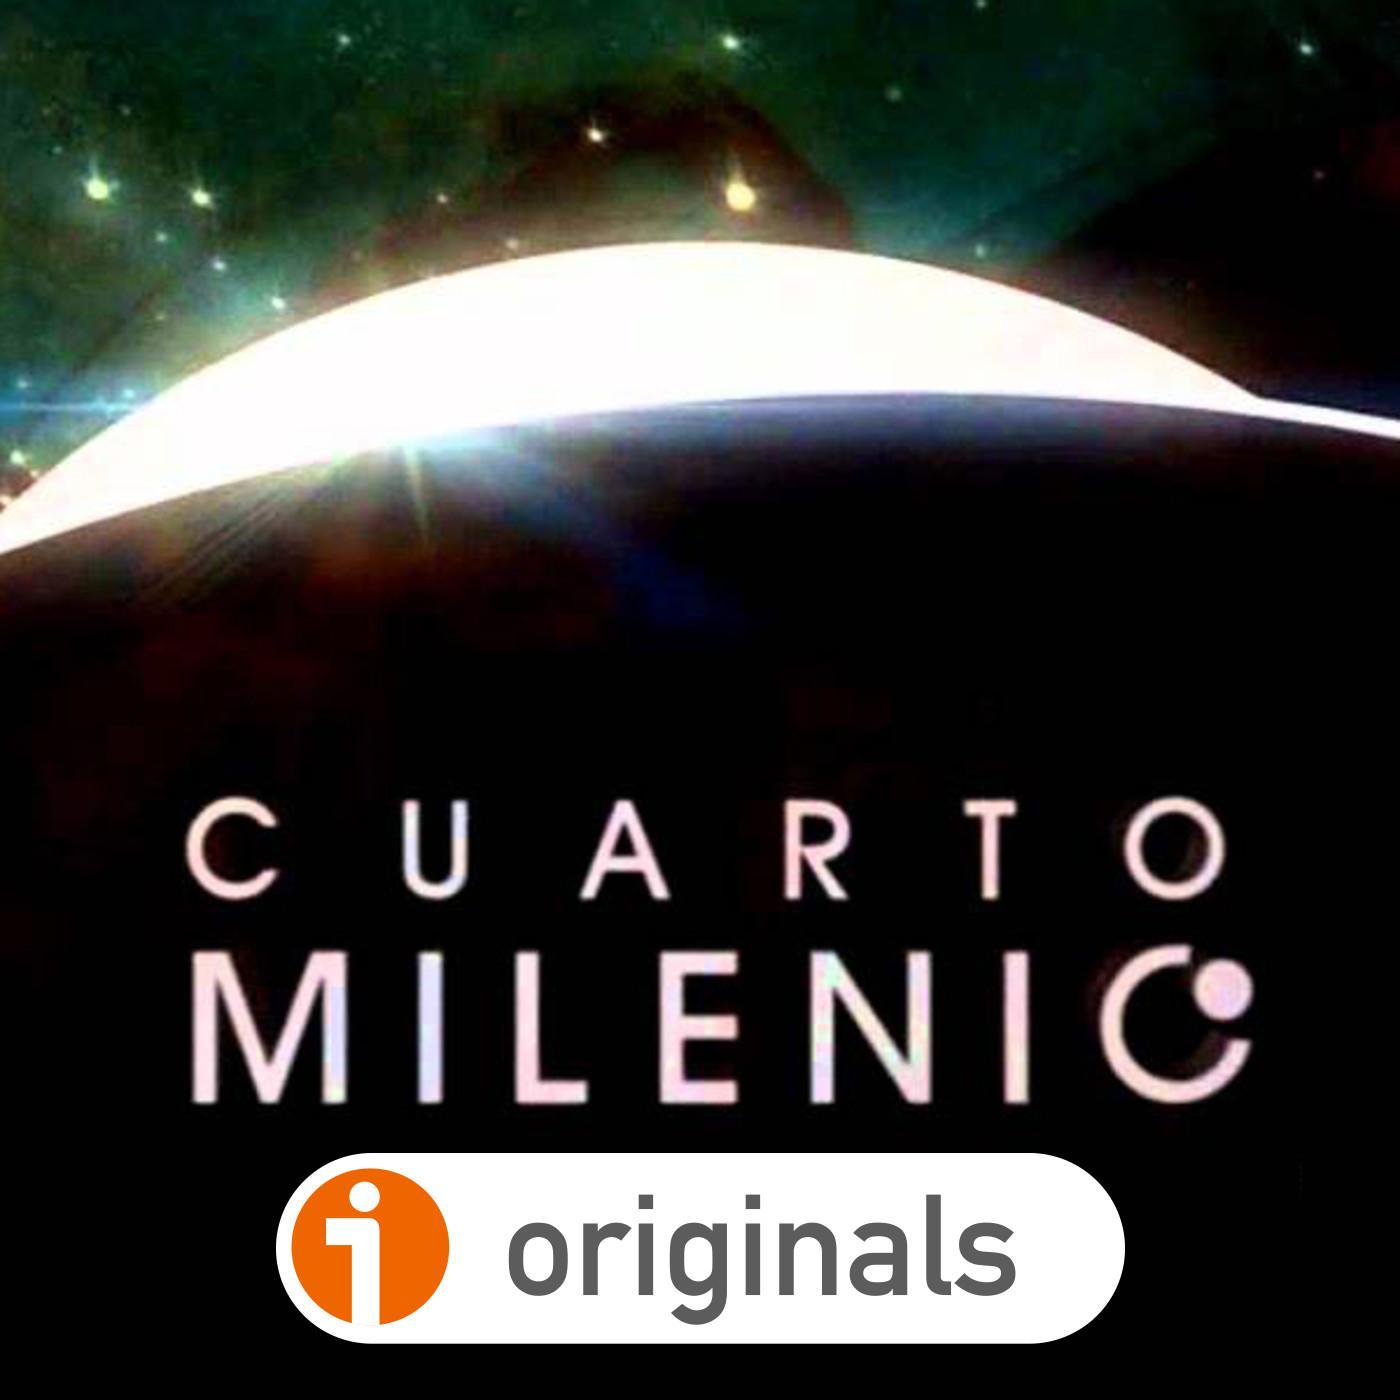 Cuarto Milenio (Oficial) (podcast) - ermakysevilla | Listen ...